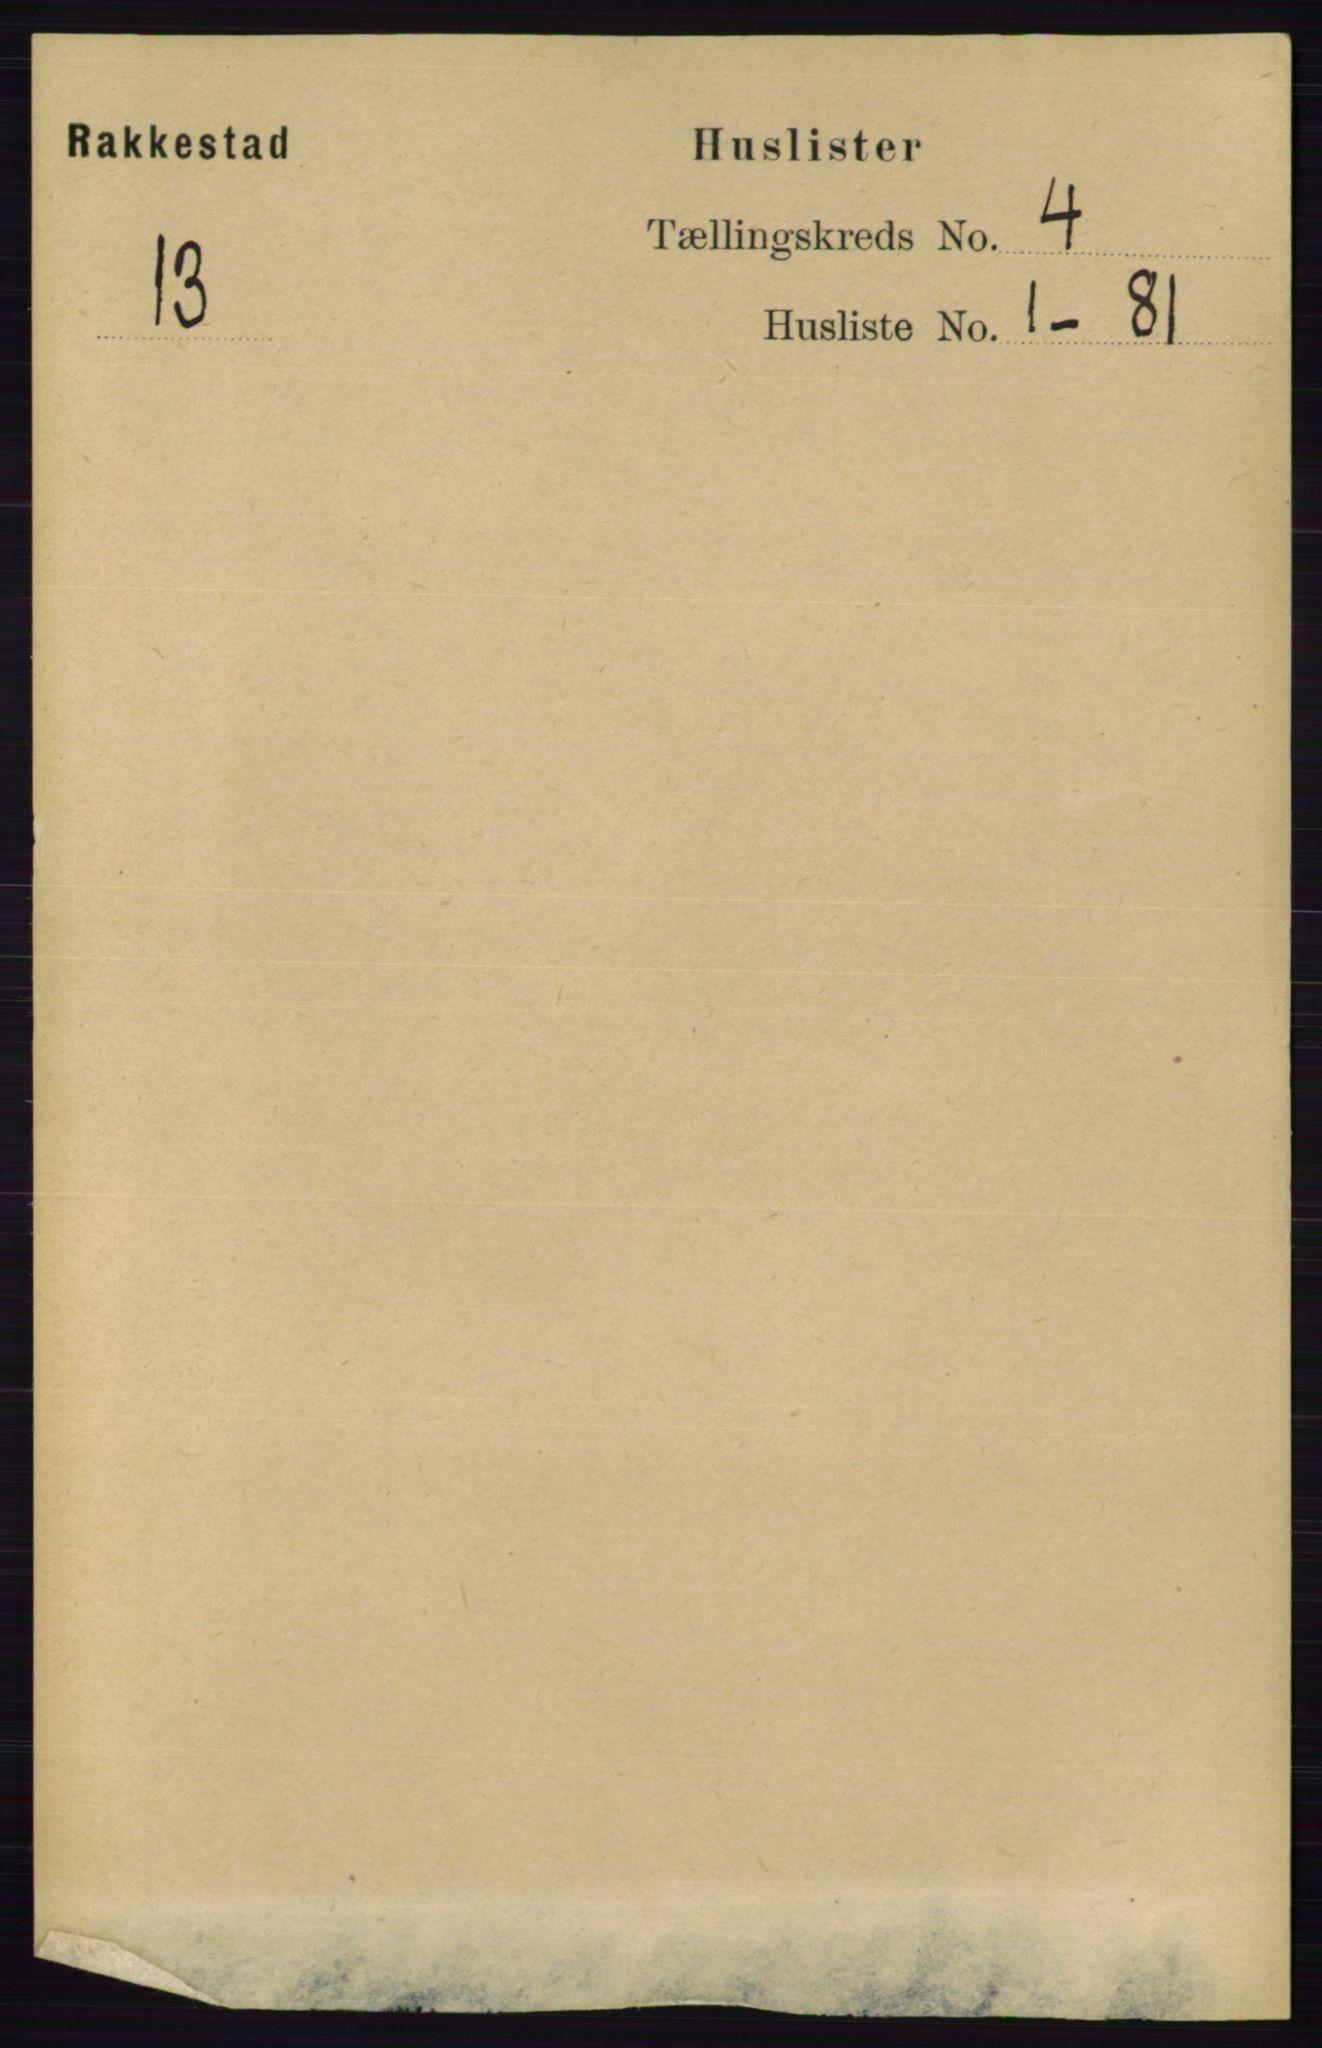 RA, Folketelling 1891 for 0128 Rakkestad herred, 1891, s. 1687